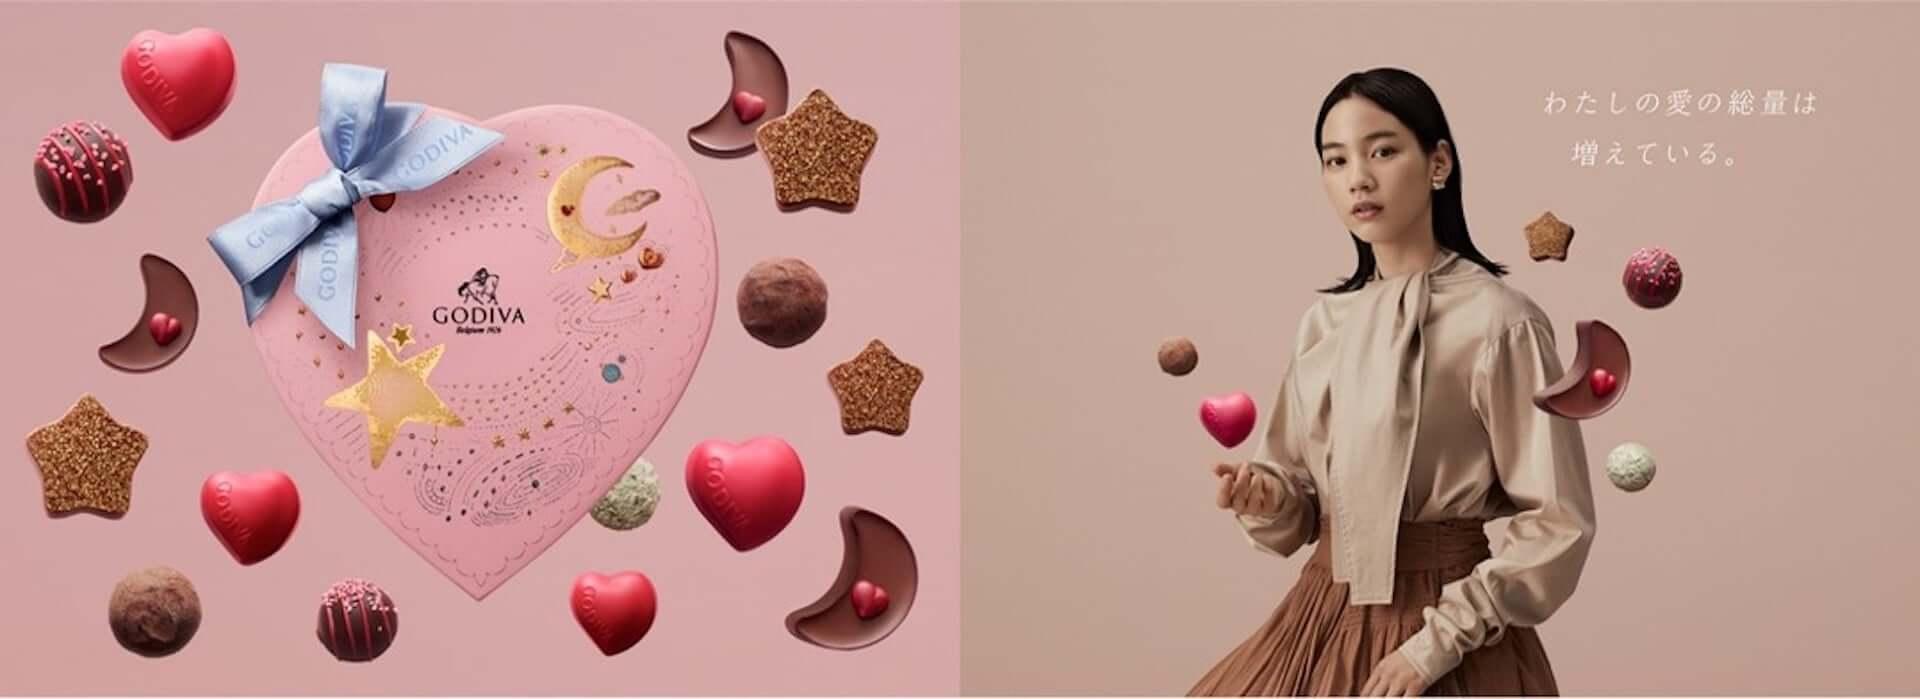 のんとゴディバが贈るバレンタイン限定コレクション「きらめく想い」が発売!オリジナルTシャツのプレゼント企画も実施 gourmet210108_godiva_13-1920x699